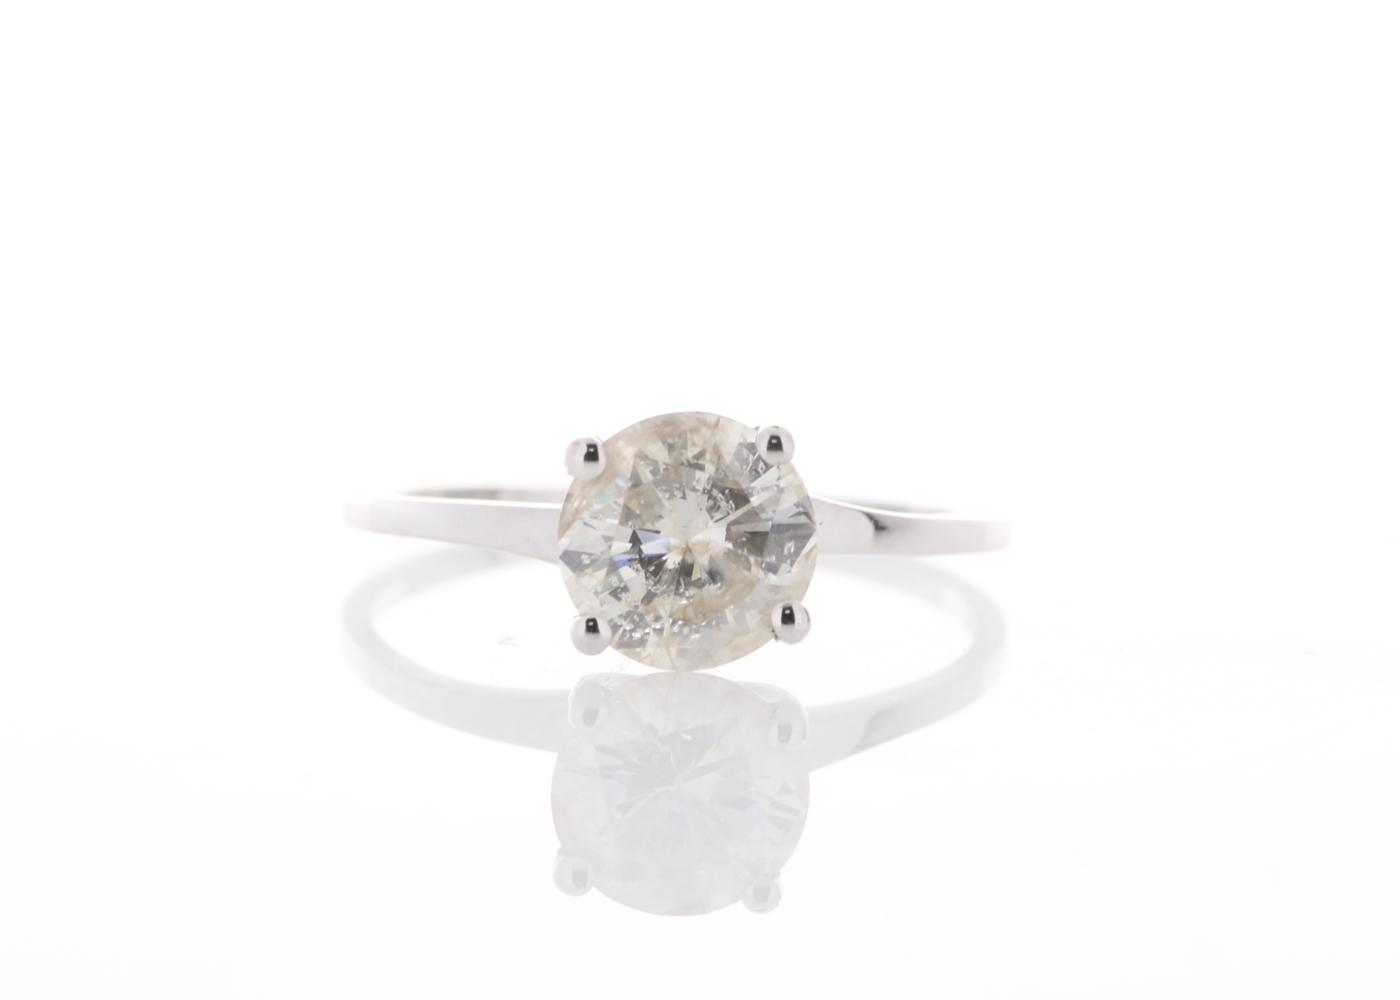 18ct White Gold Rex Set Diamond Ring 1.06 Carats